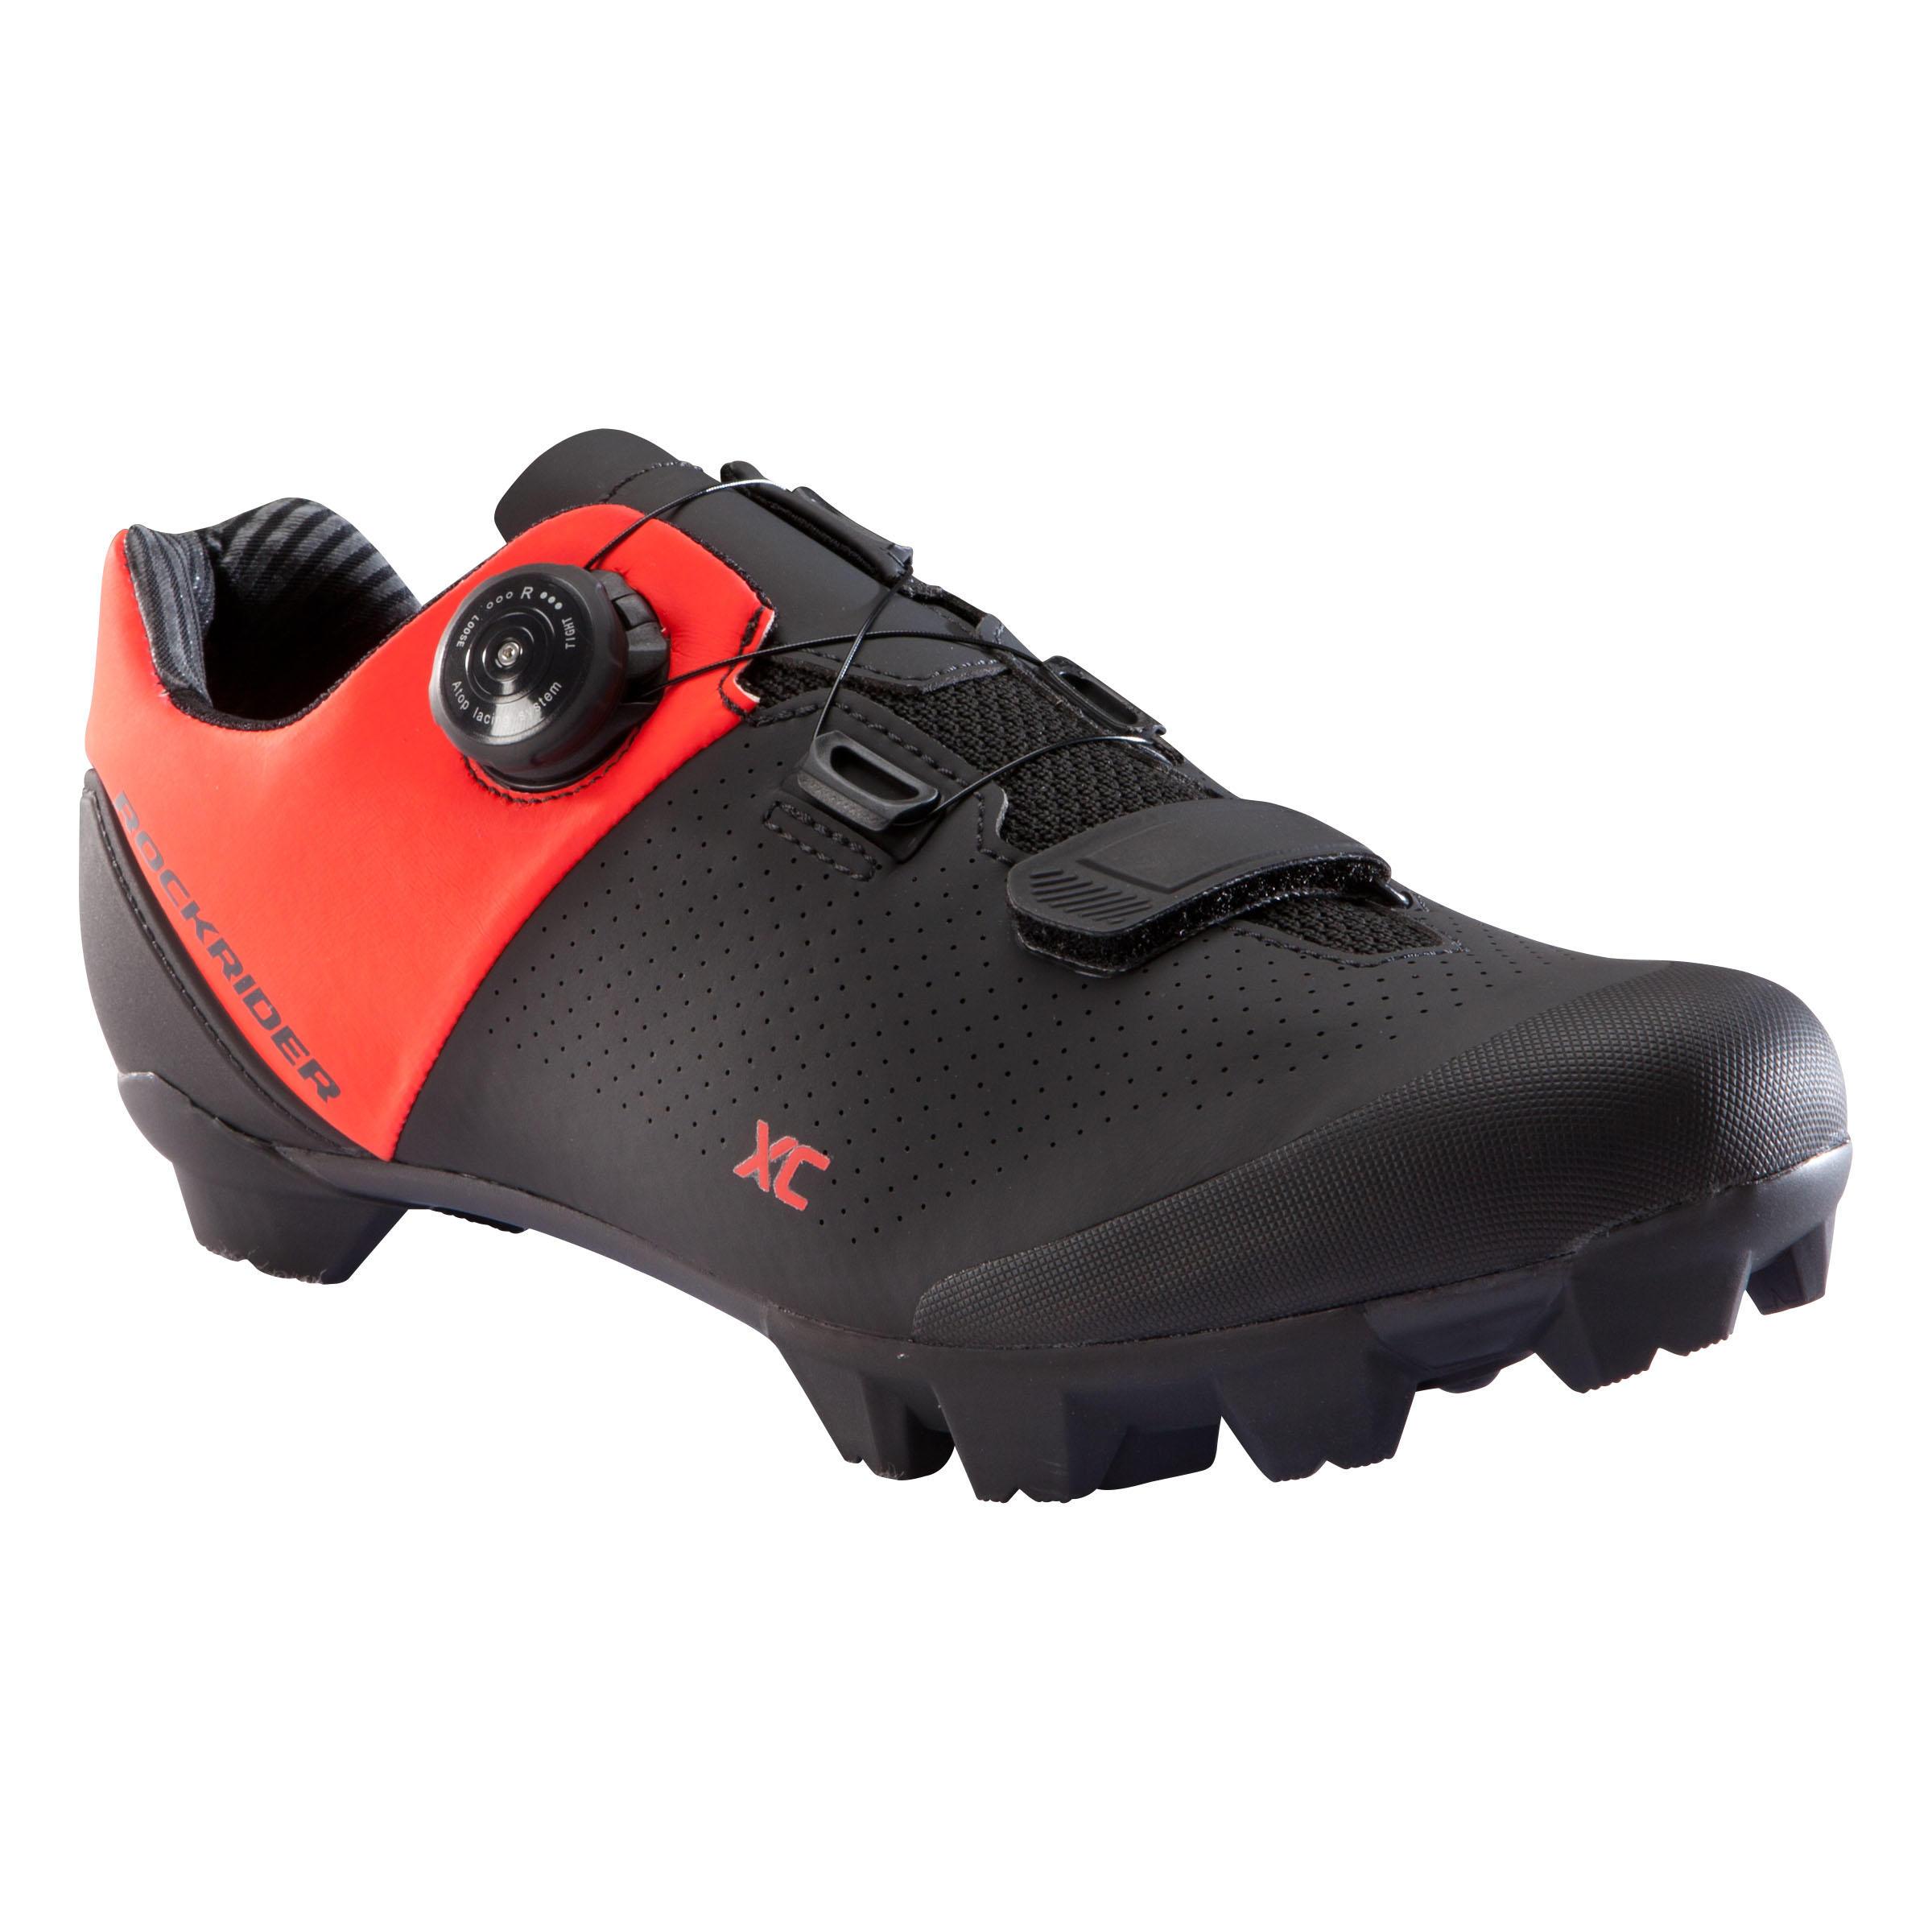 Fahrradschuhe MTB XC 500 neongelb   Schuhe > Sportschuhe > Fahrradschuhe   Rockrider